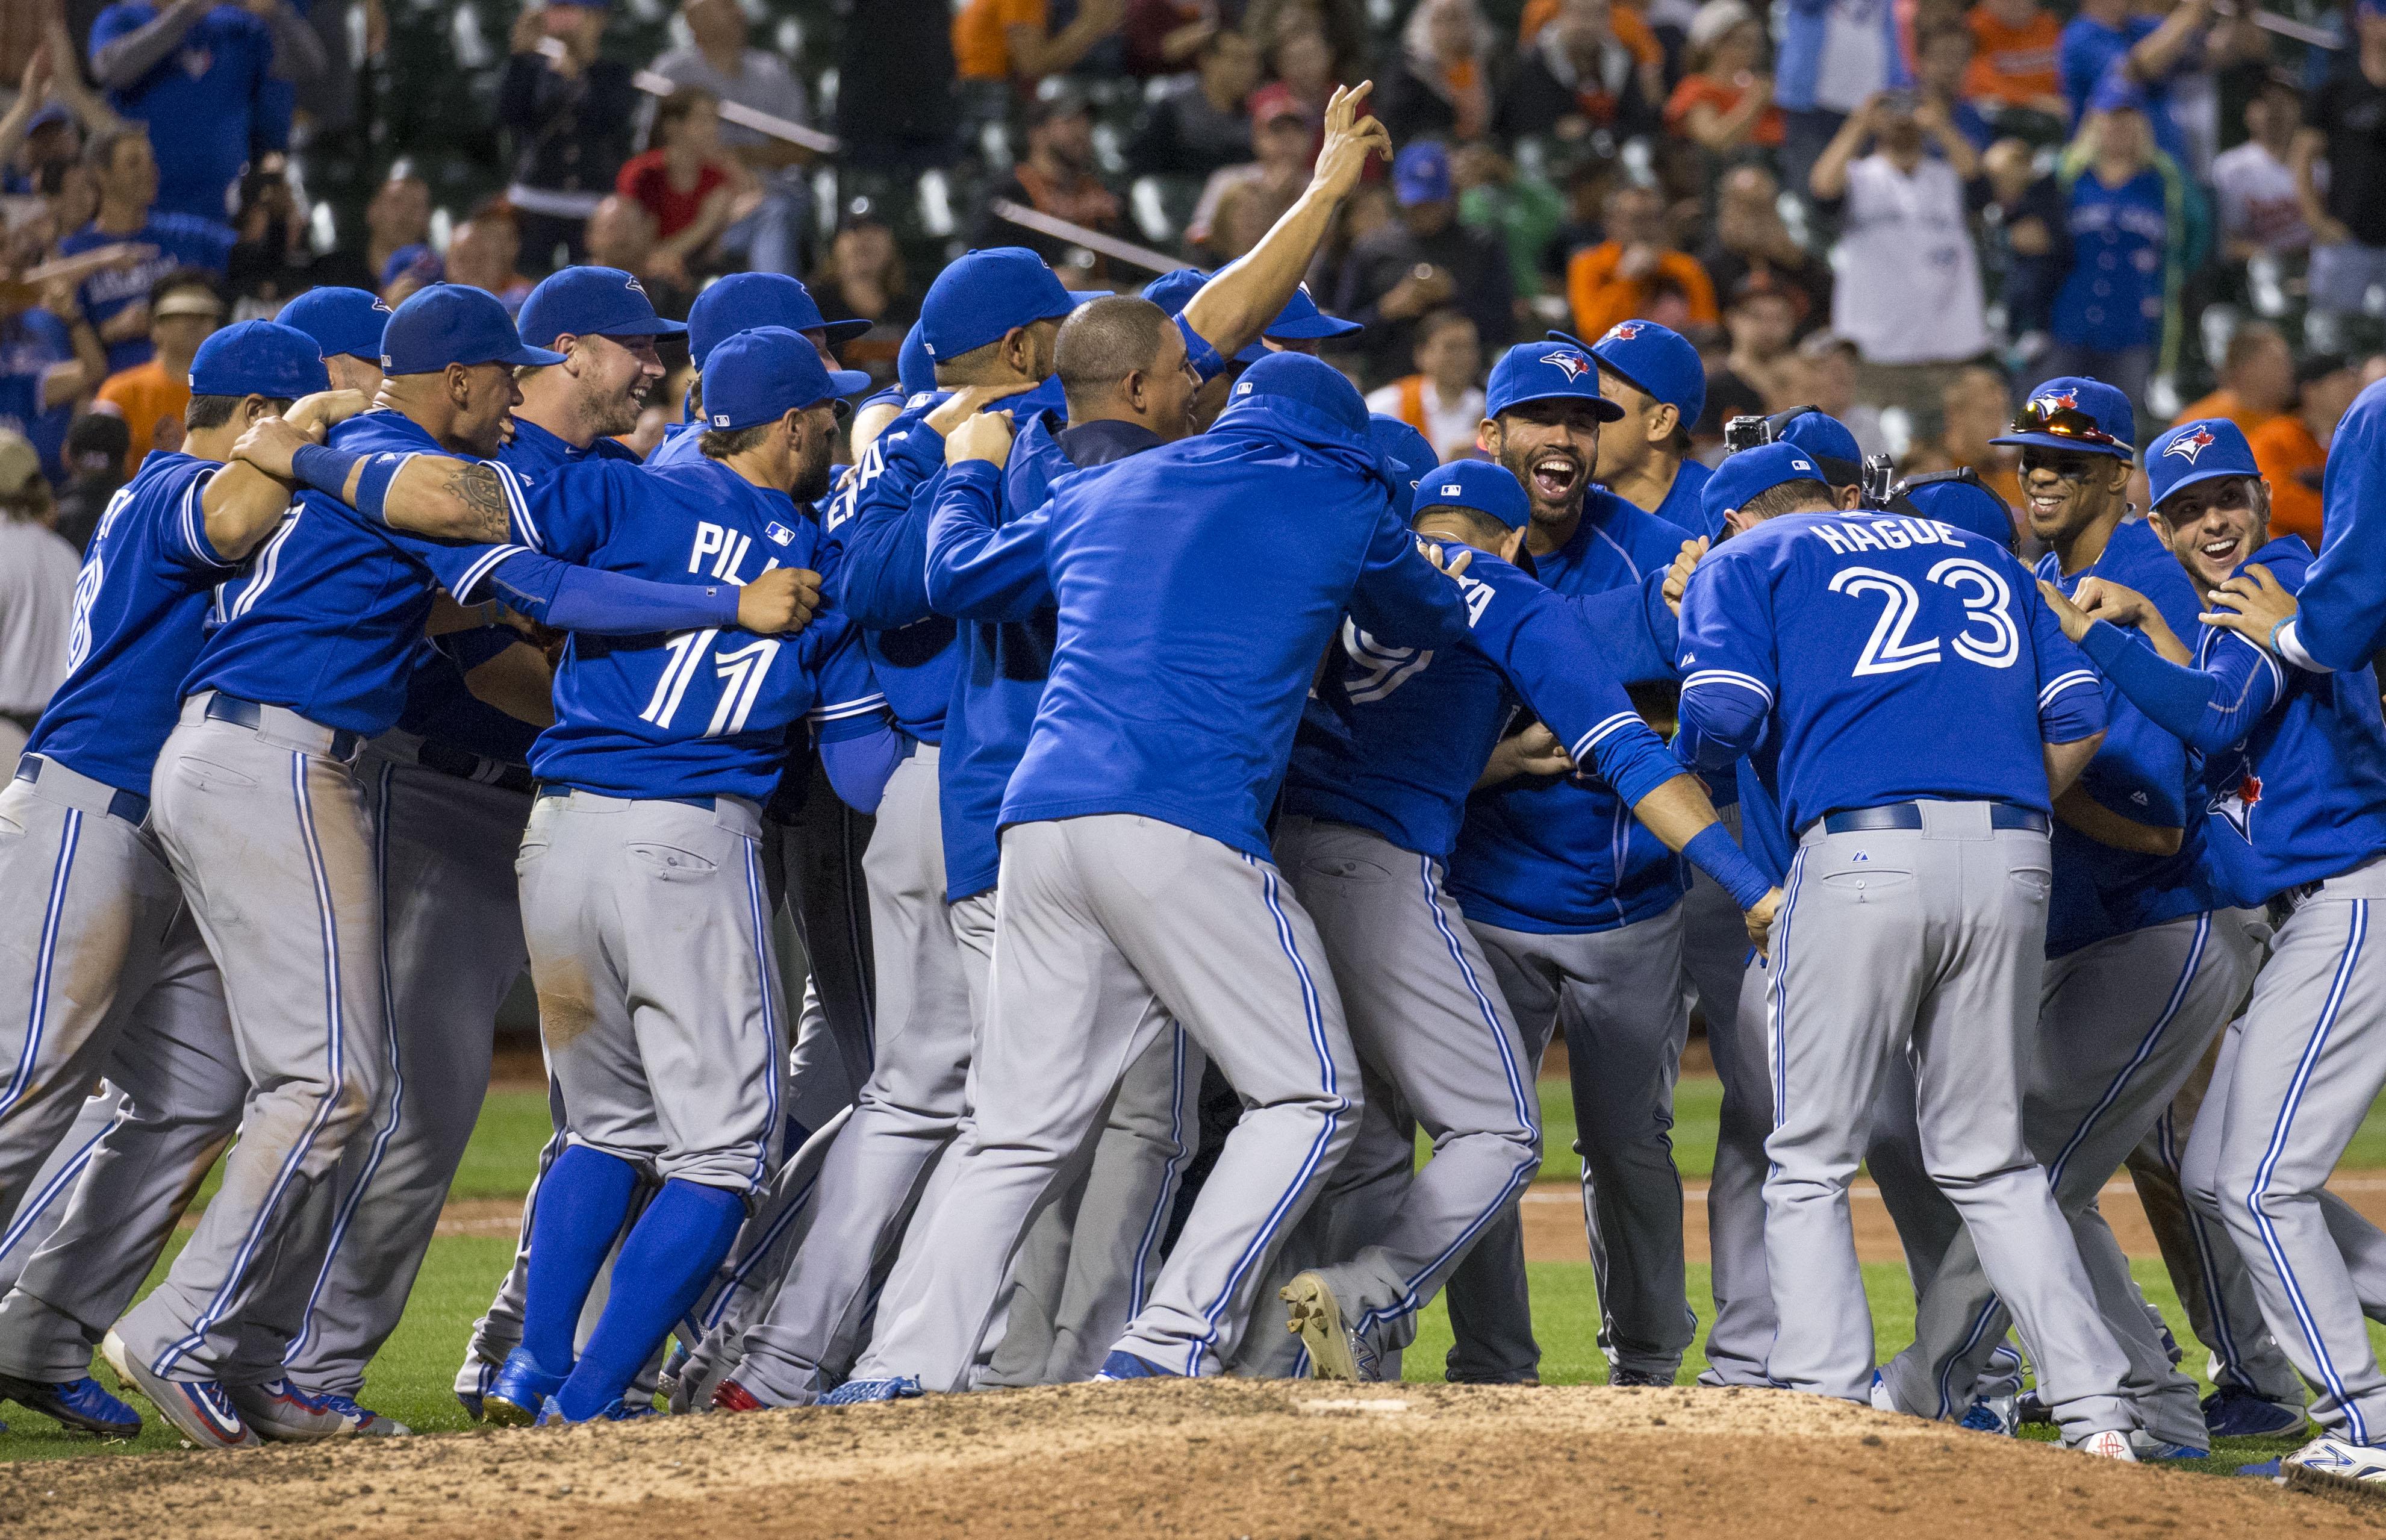 05a4ed75b 2015 Toronto Blue Jays season - Wikiwand